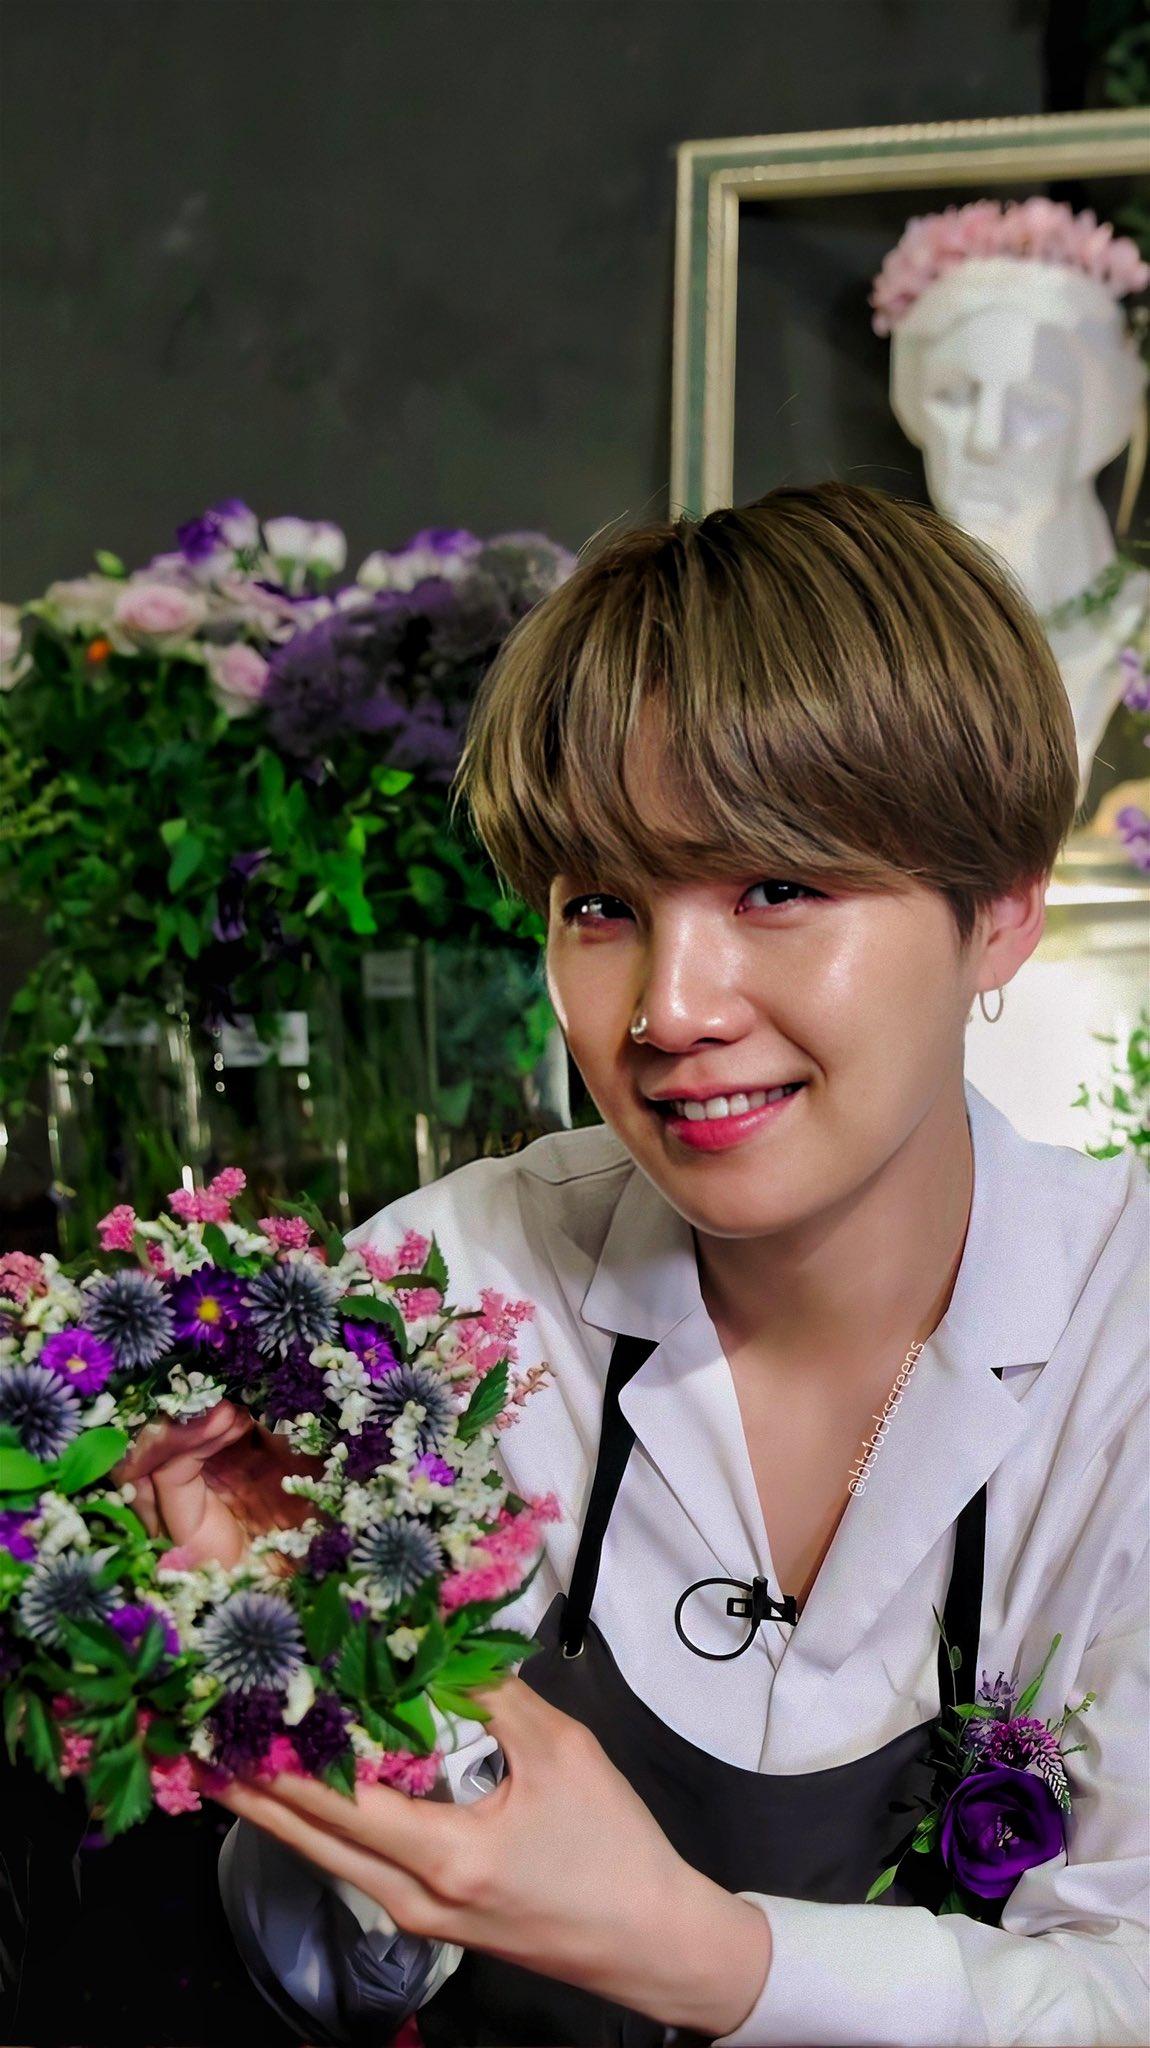 ดอกไม้ประจำวันเกิด BTS - ยุนกิ